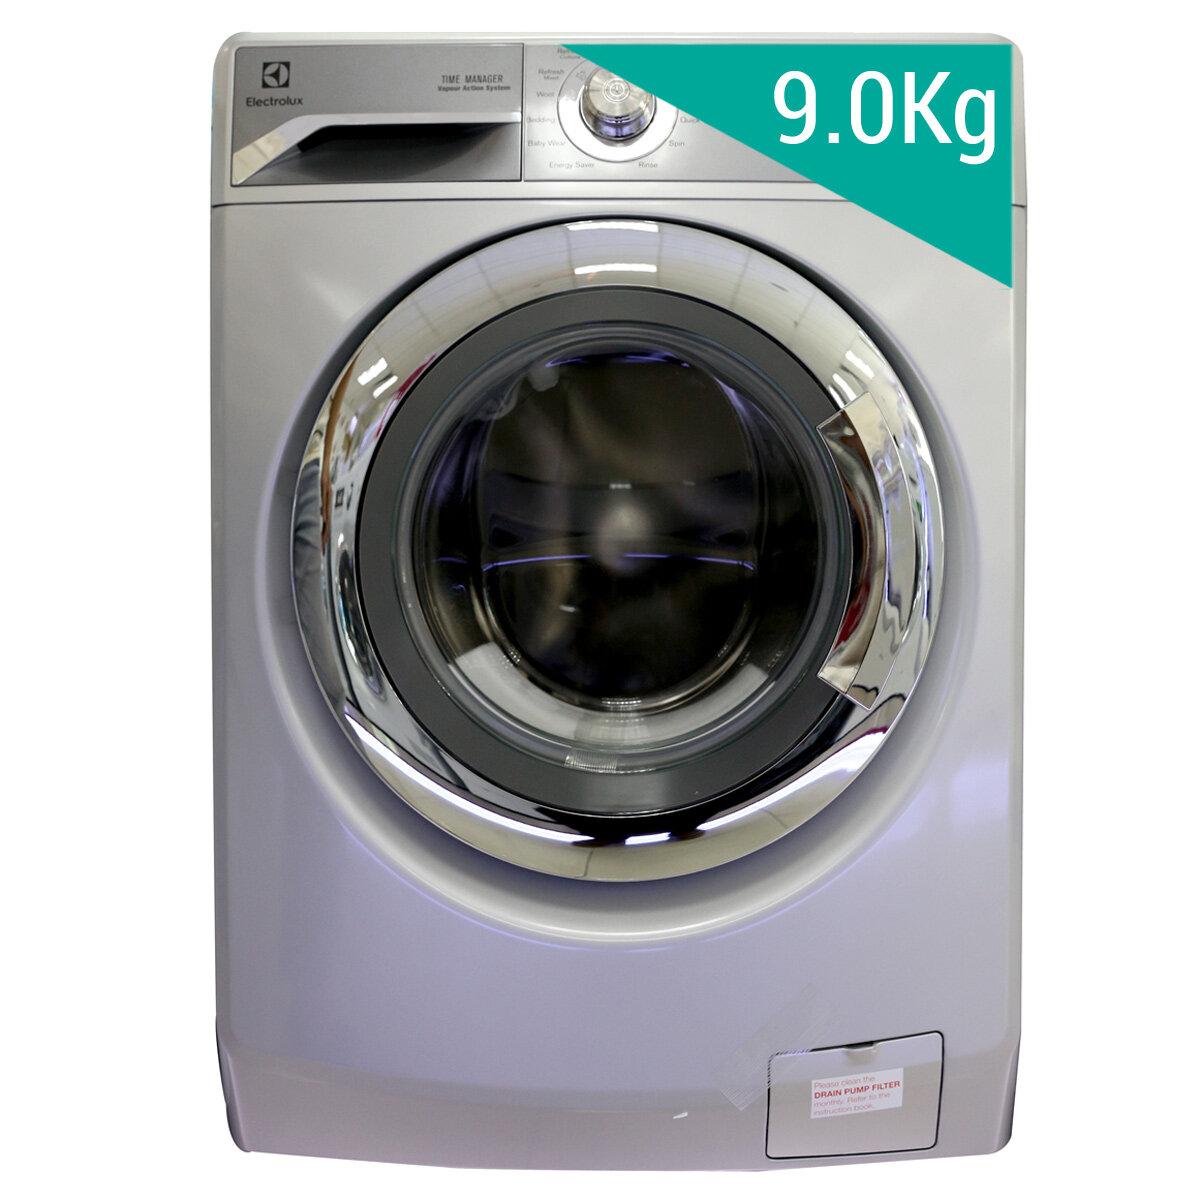 Giá máy giặt Electrolux 9kg lồng ngang mới nhất tháng 3/2018